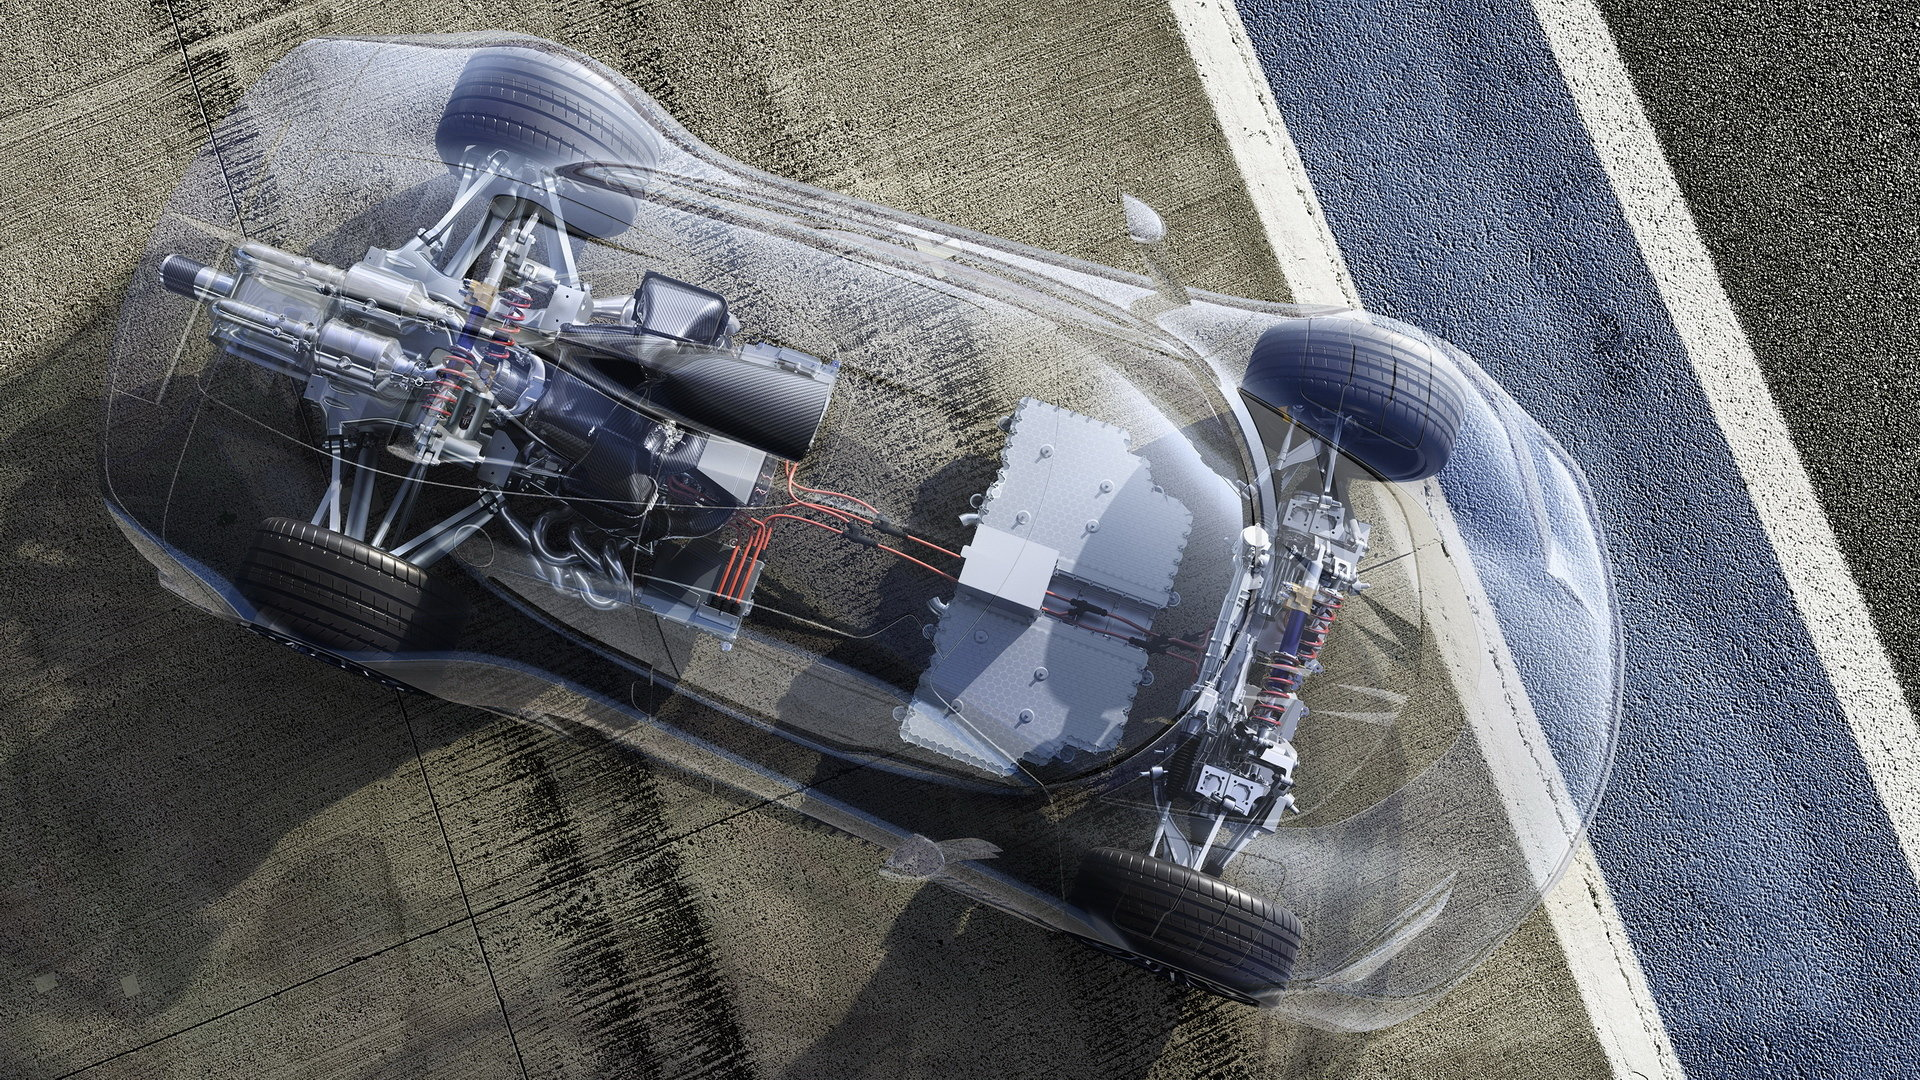 Představení silničního vozu Mercedes-AMG Project ONE